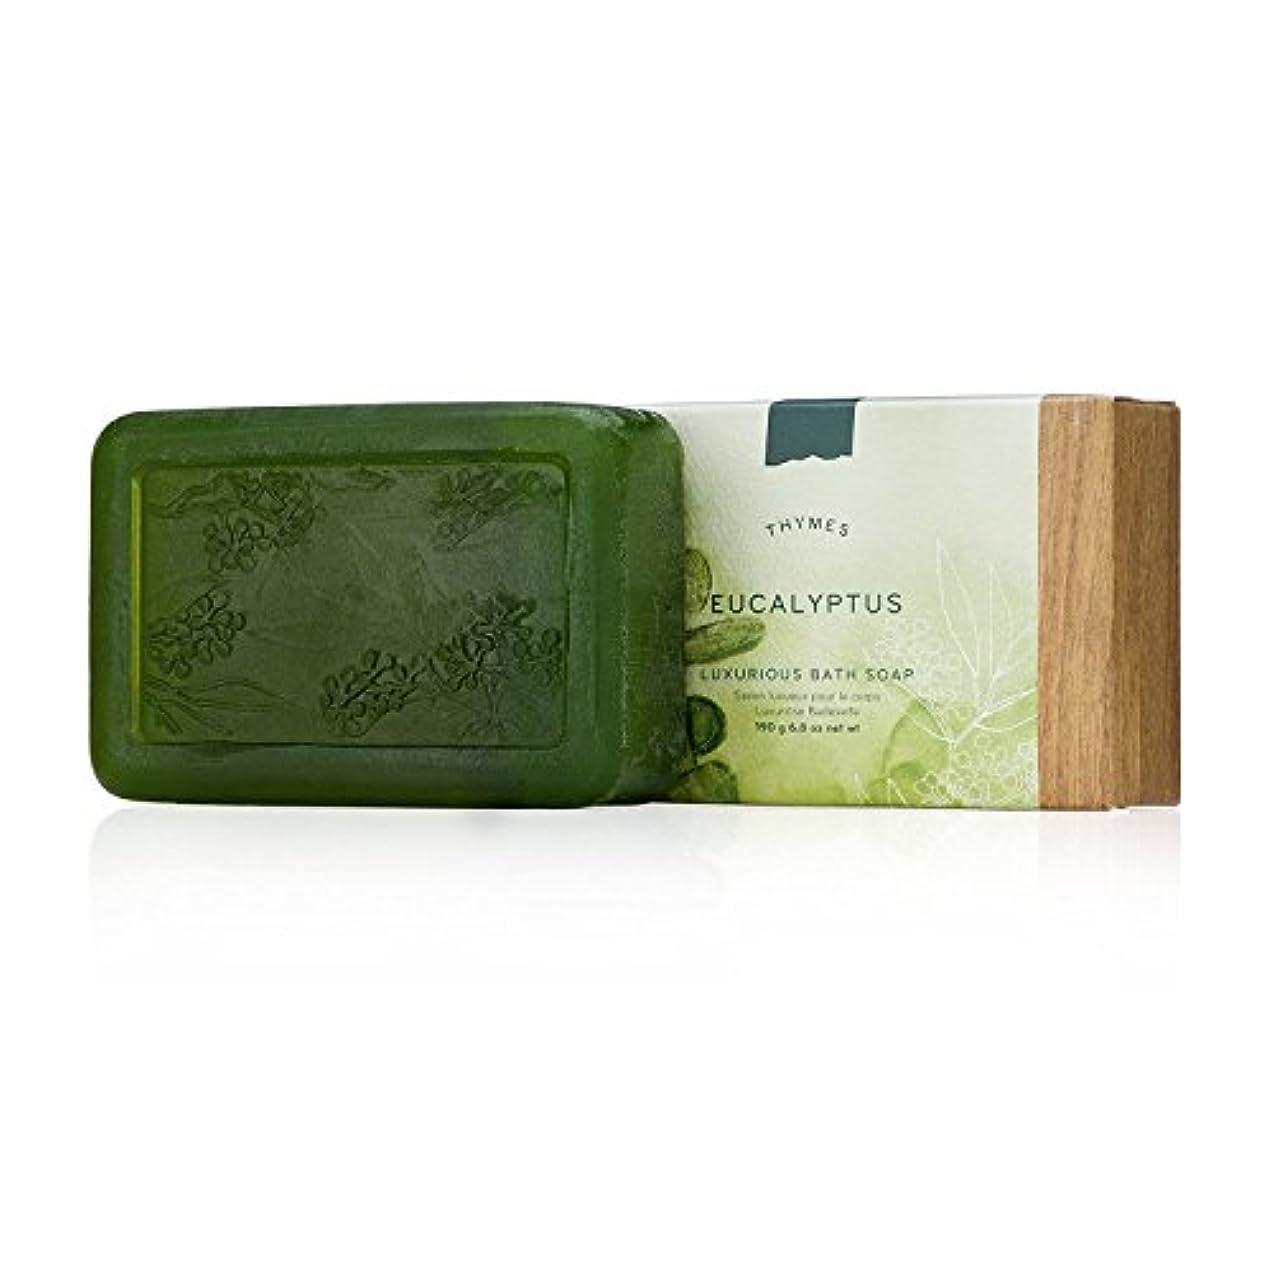 露連邦慰めタイムズ Eucalyptus Luxurious Bath Soap 190g/6.8oz